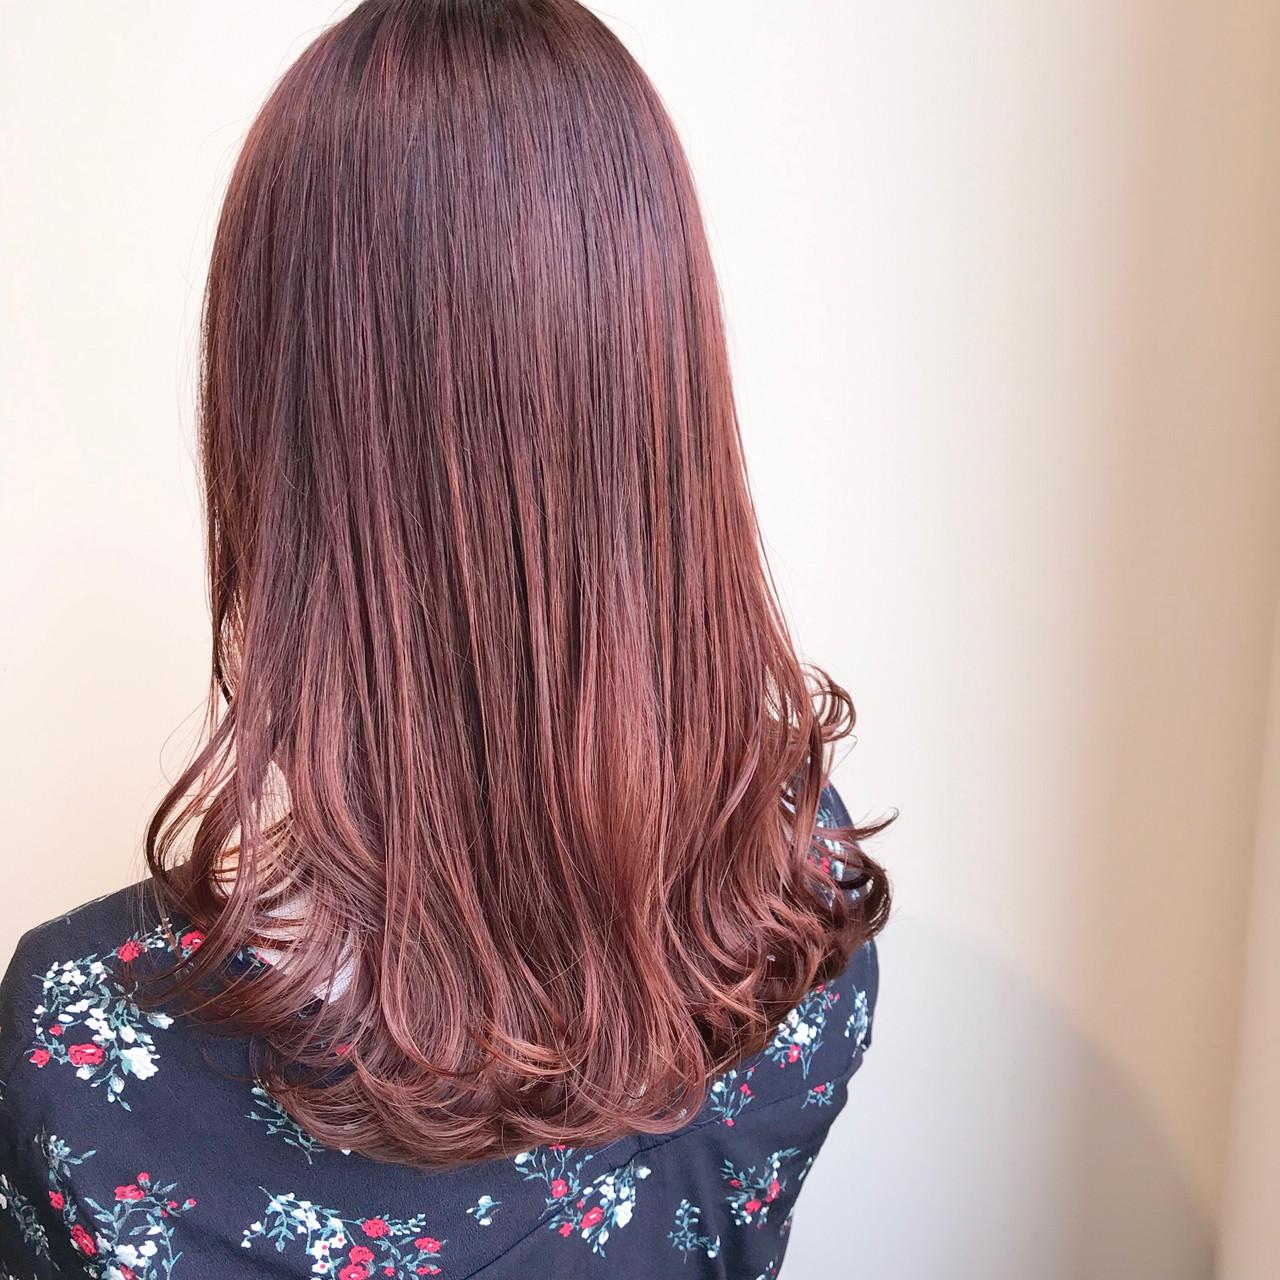 フェミニン 透明感カラー ピンクバイオレット セミロング ヘアスタイルや髪型の写真・画像